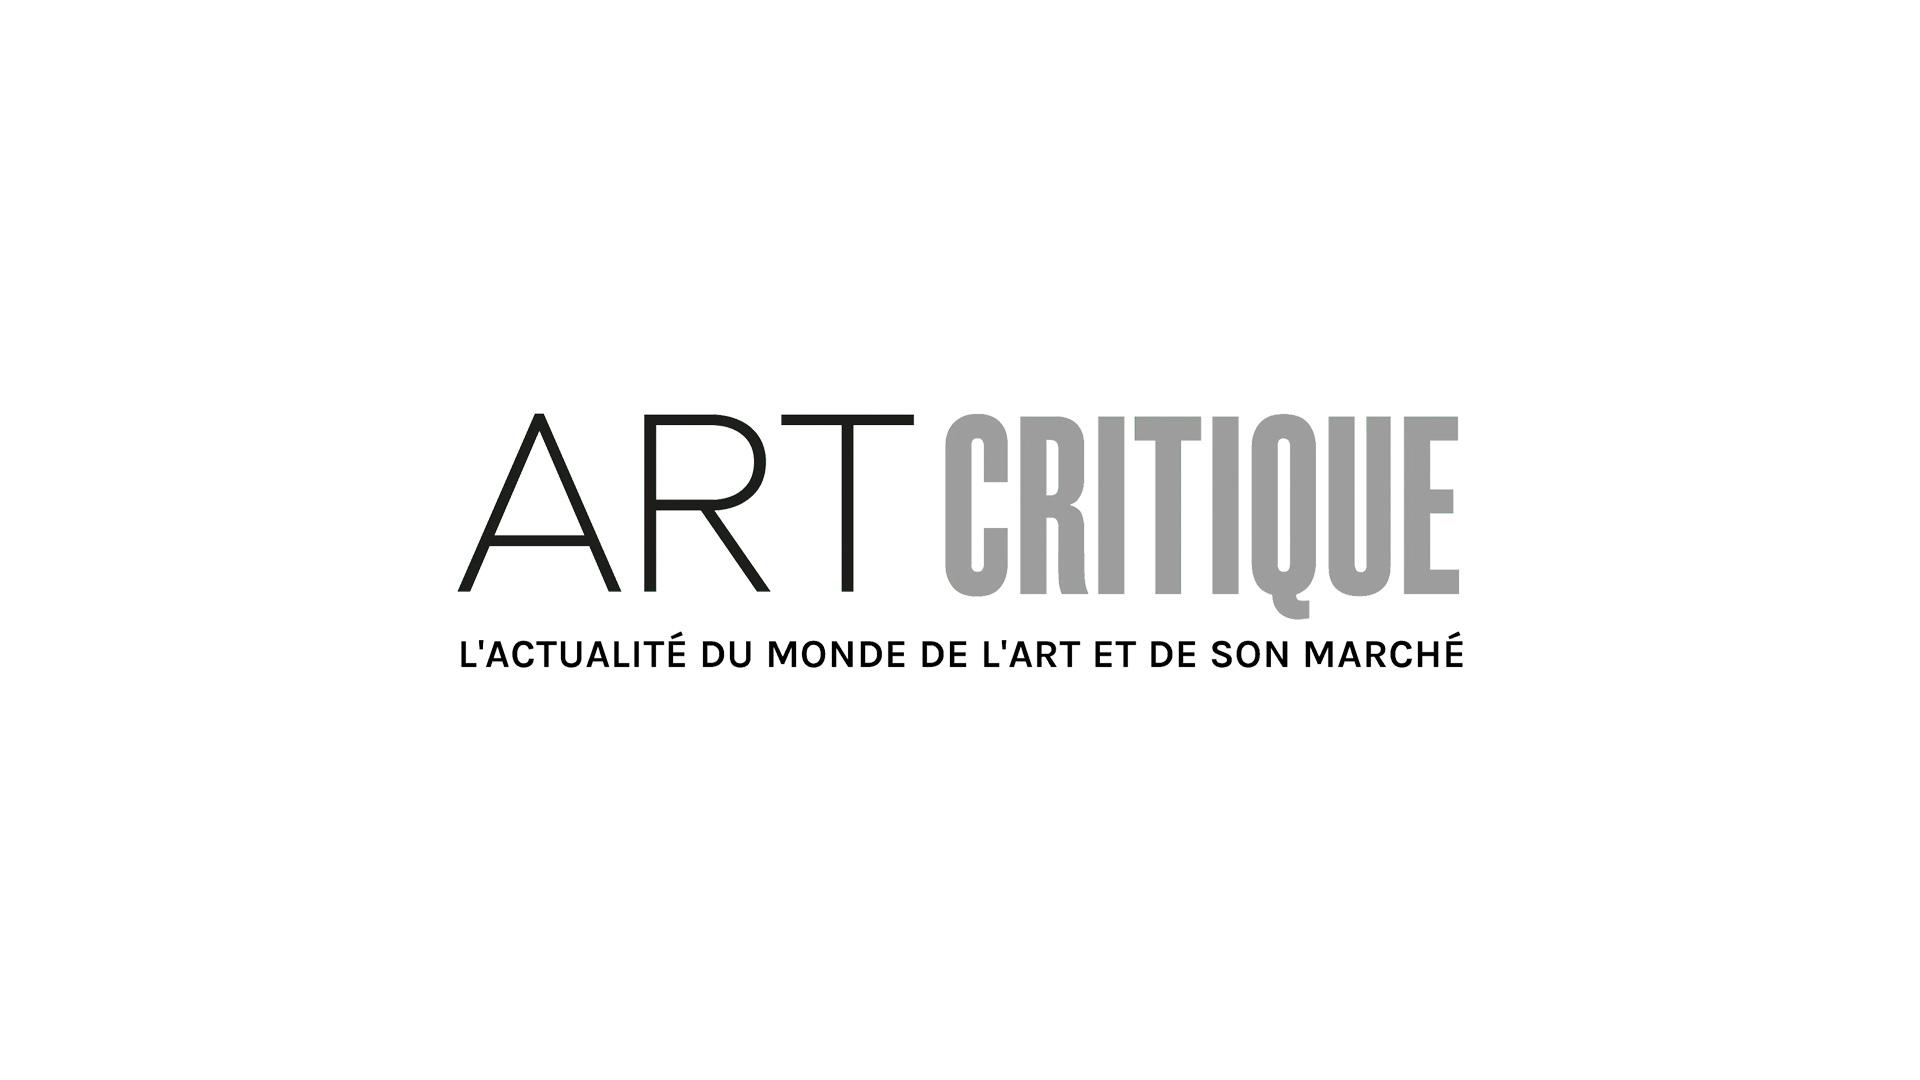 Des travaux d'ampleur au Musée de Cluny